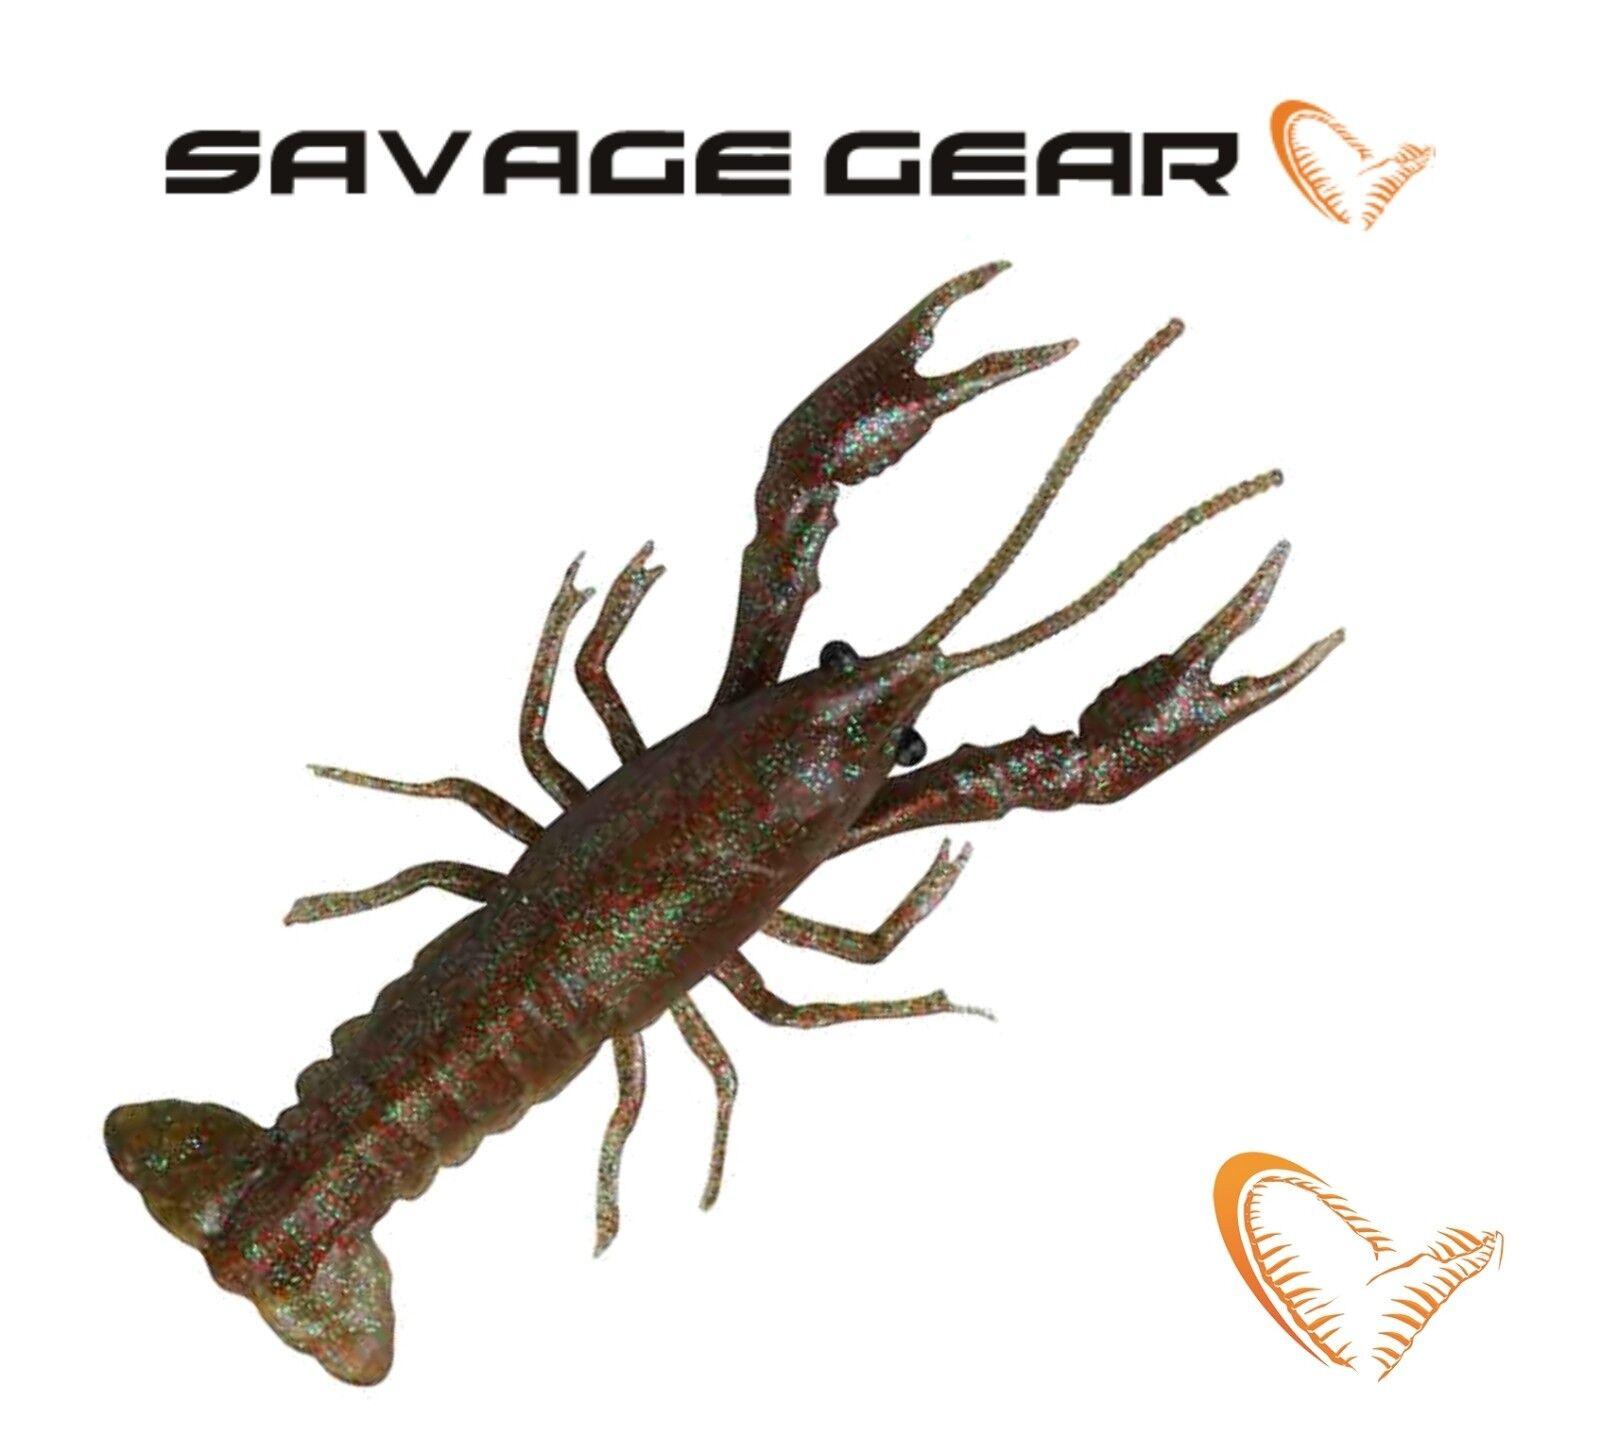 Savage Gear 3D Reaction Crayfish LB 8cm 12,5cm Soft Plastic Bait Lure Fishing LR